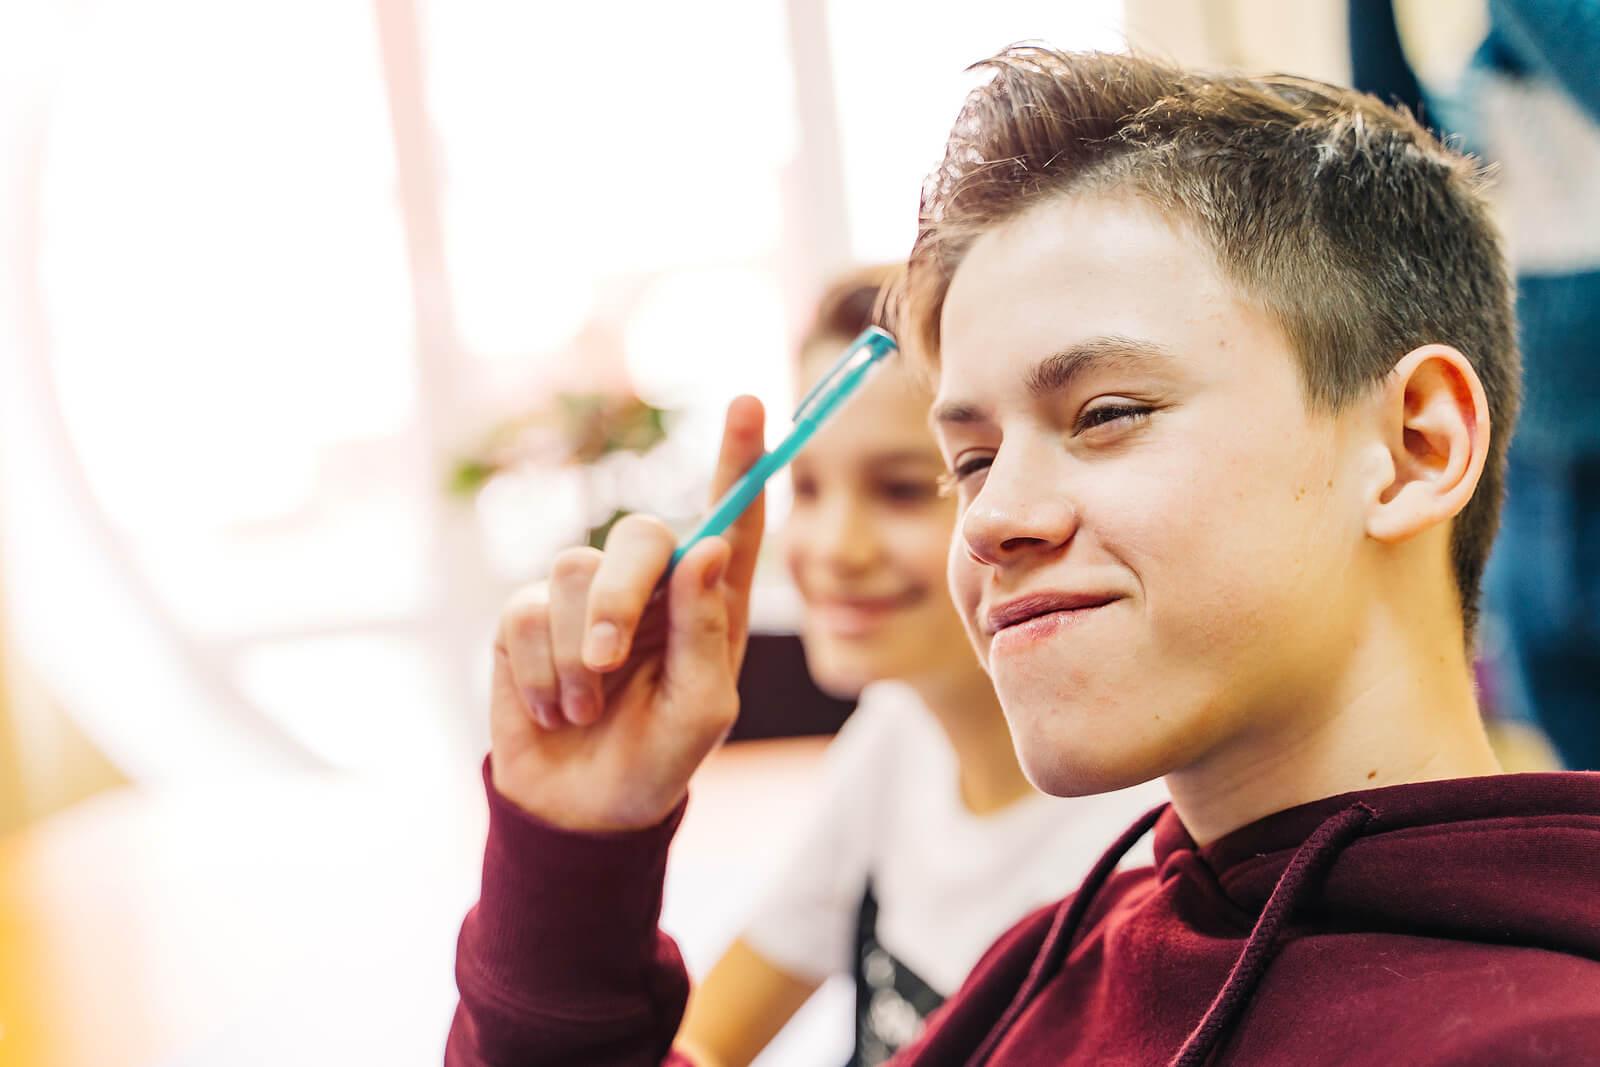 Chico adolescente aprendiendo a tomar buenos apuntes en clase.